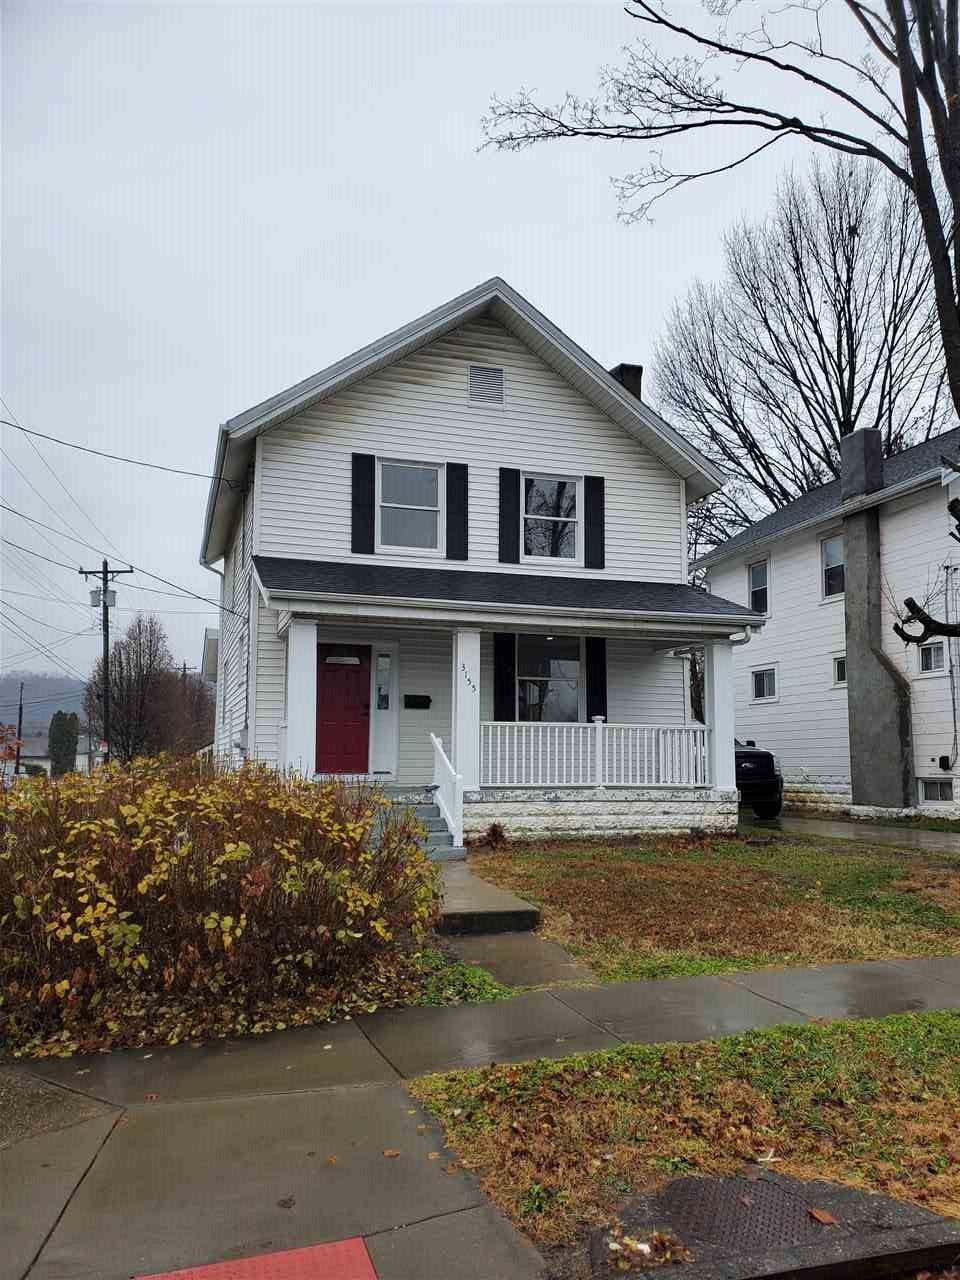 3155 Beech Avenue, Covington, Kentucky